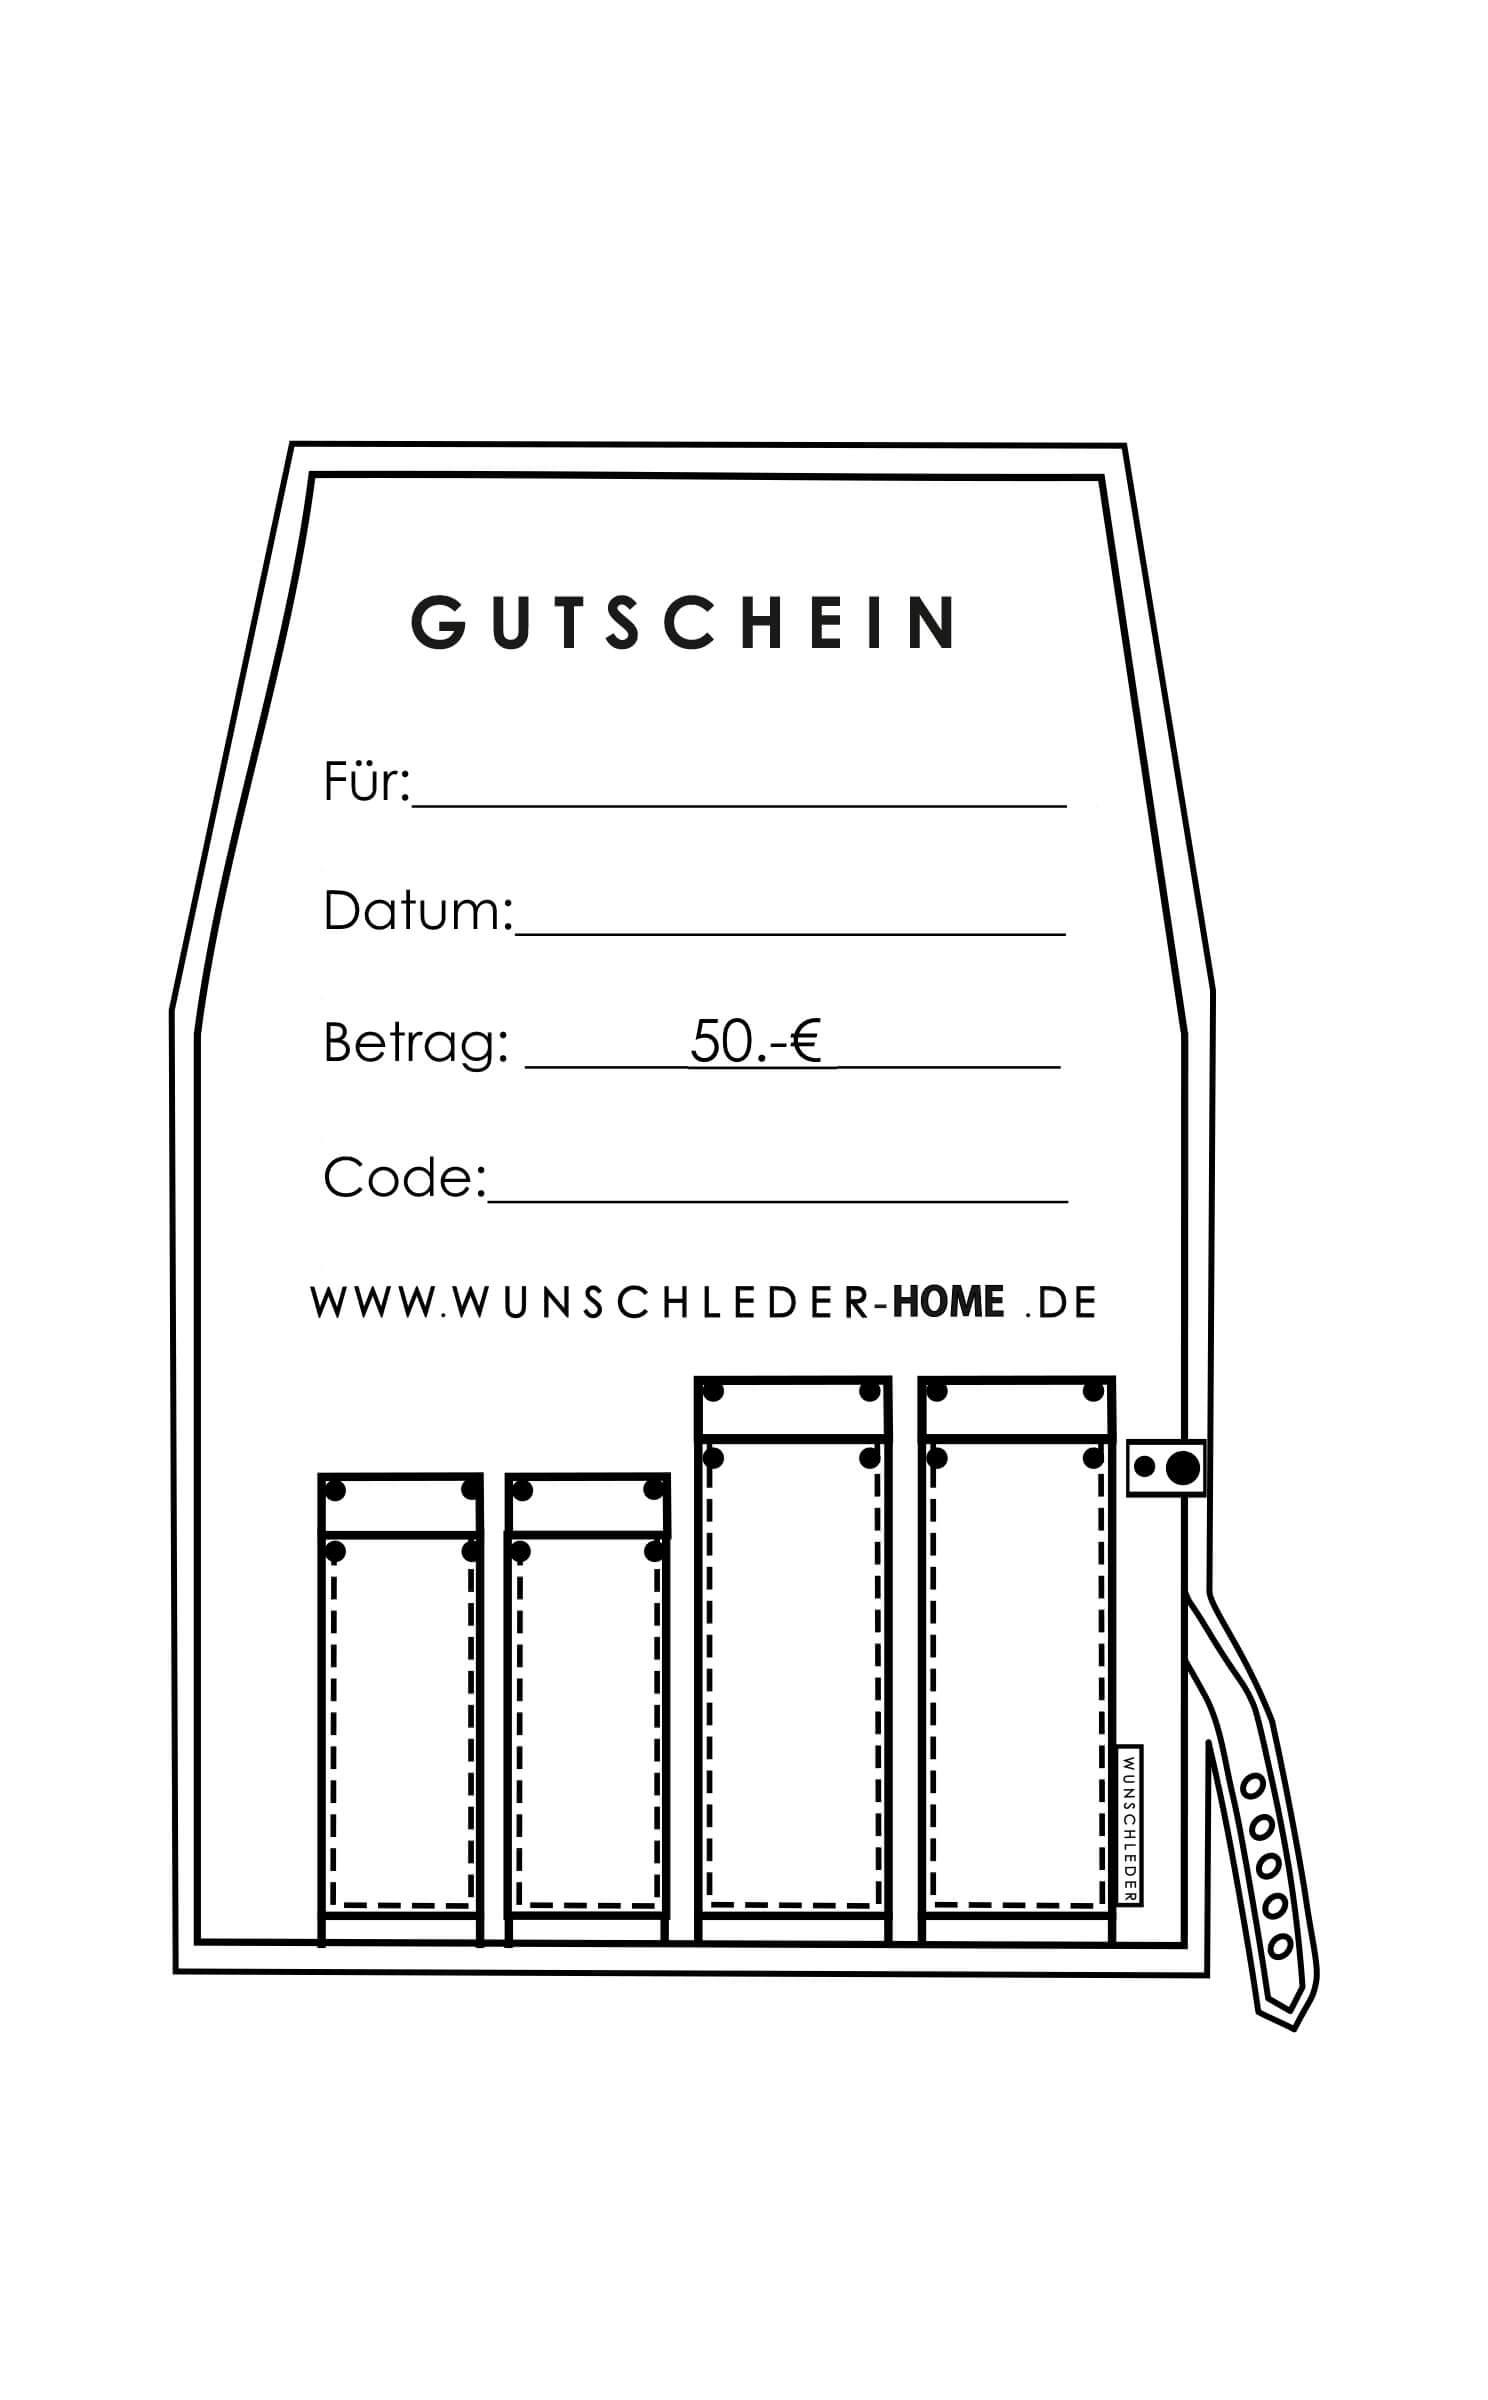 Gutschein 50 EUR | Wunschleder Home